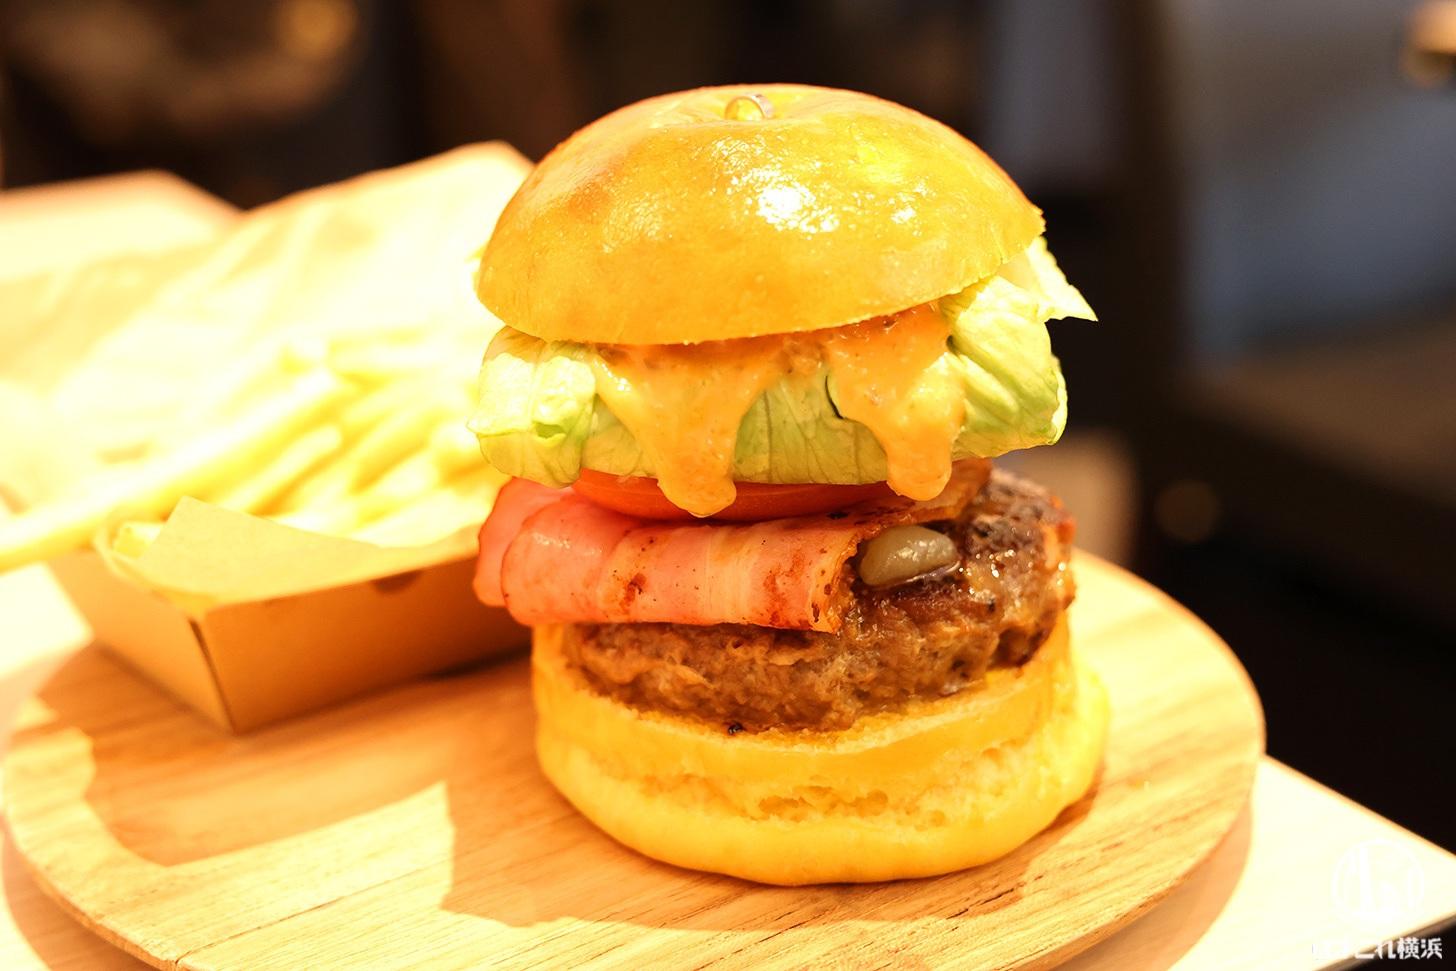 尾島商店のハンバーガーめちゃ旨い!横浜老舗精肉店のカフェ・ミートカフェオジマ